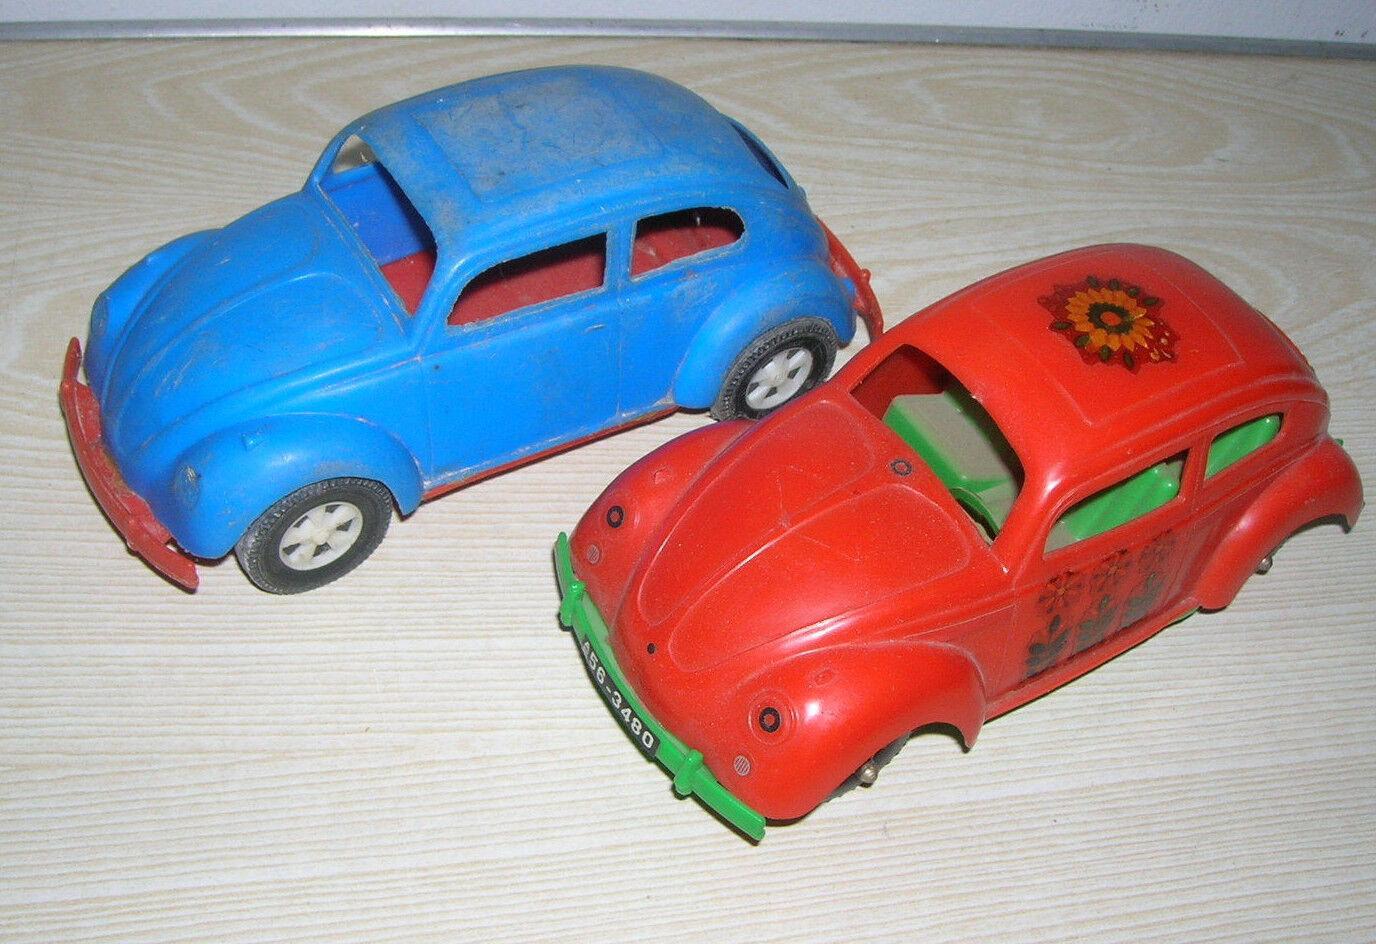 Vintage - - - VW Käfer  Schokoladen Auto  von WADER und  No Name  - 60er 70er Jahre  | Die Farbe ist sehr auffällig  044e37